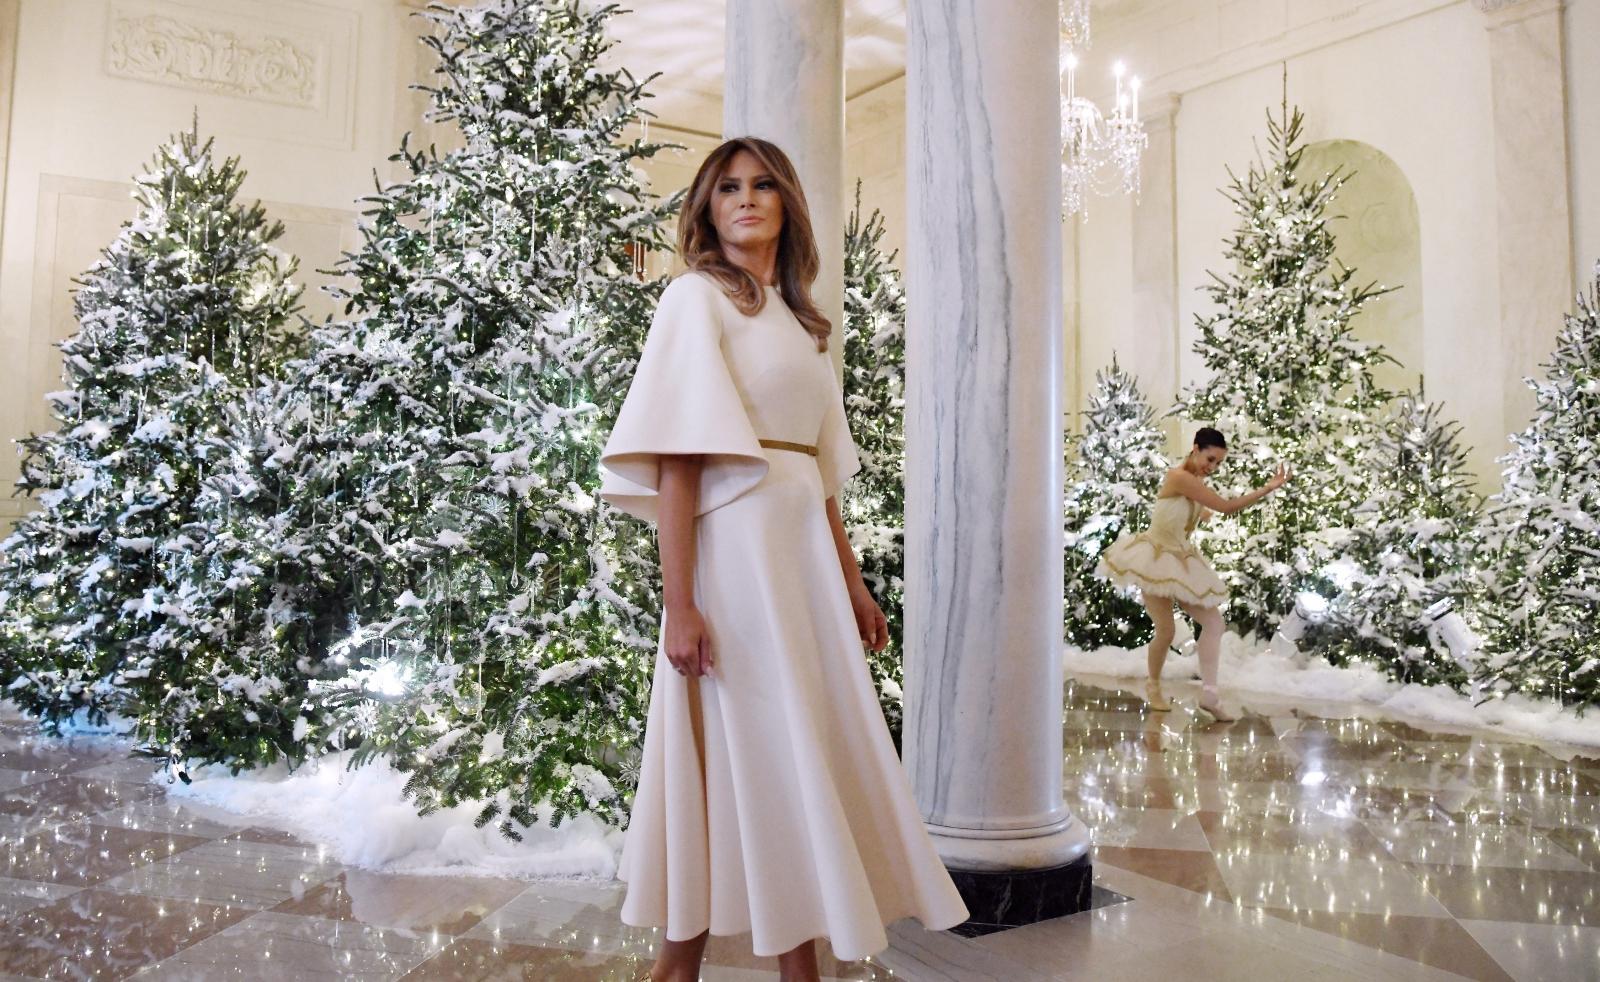 Pierwsza Dama USA Melania Trump na tle świątecznej dekoracji w Białym Domu. Waszyngton, USA.